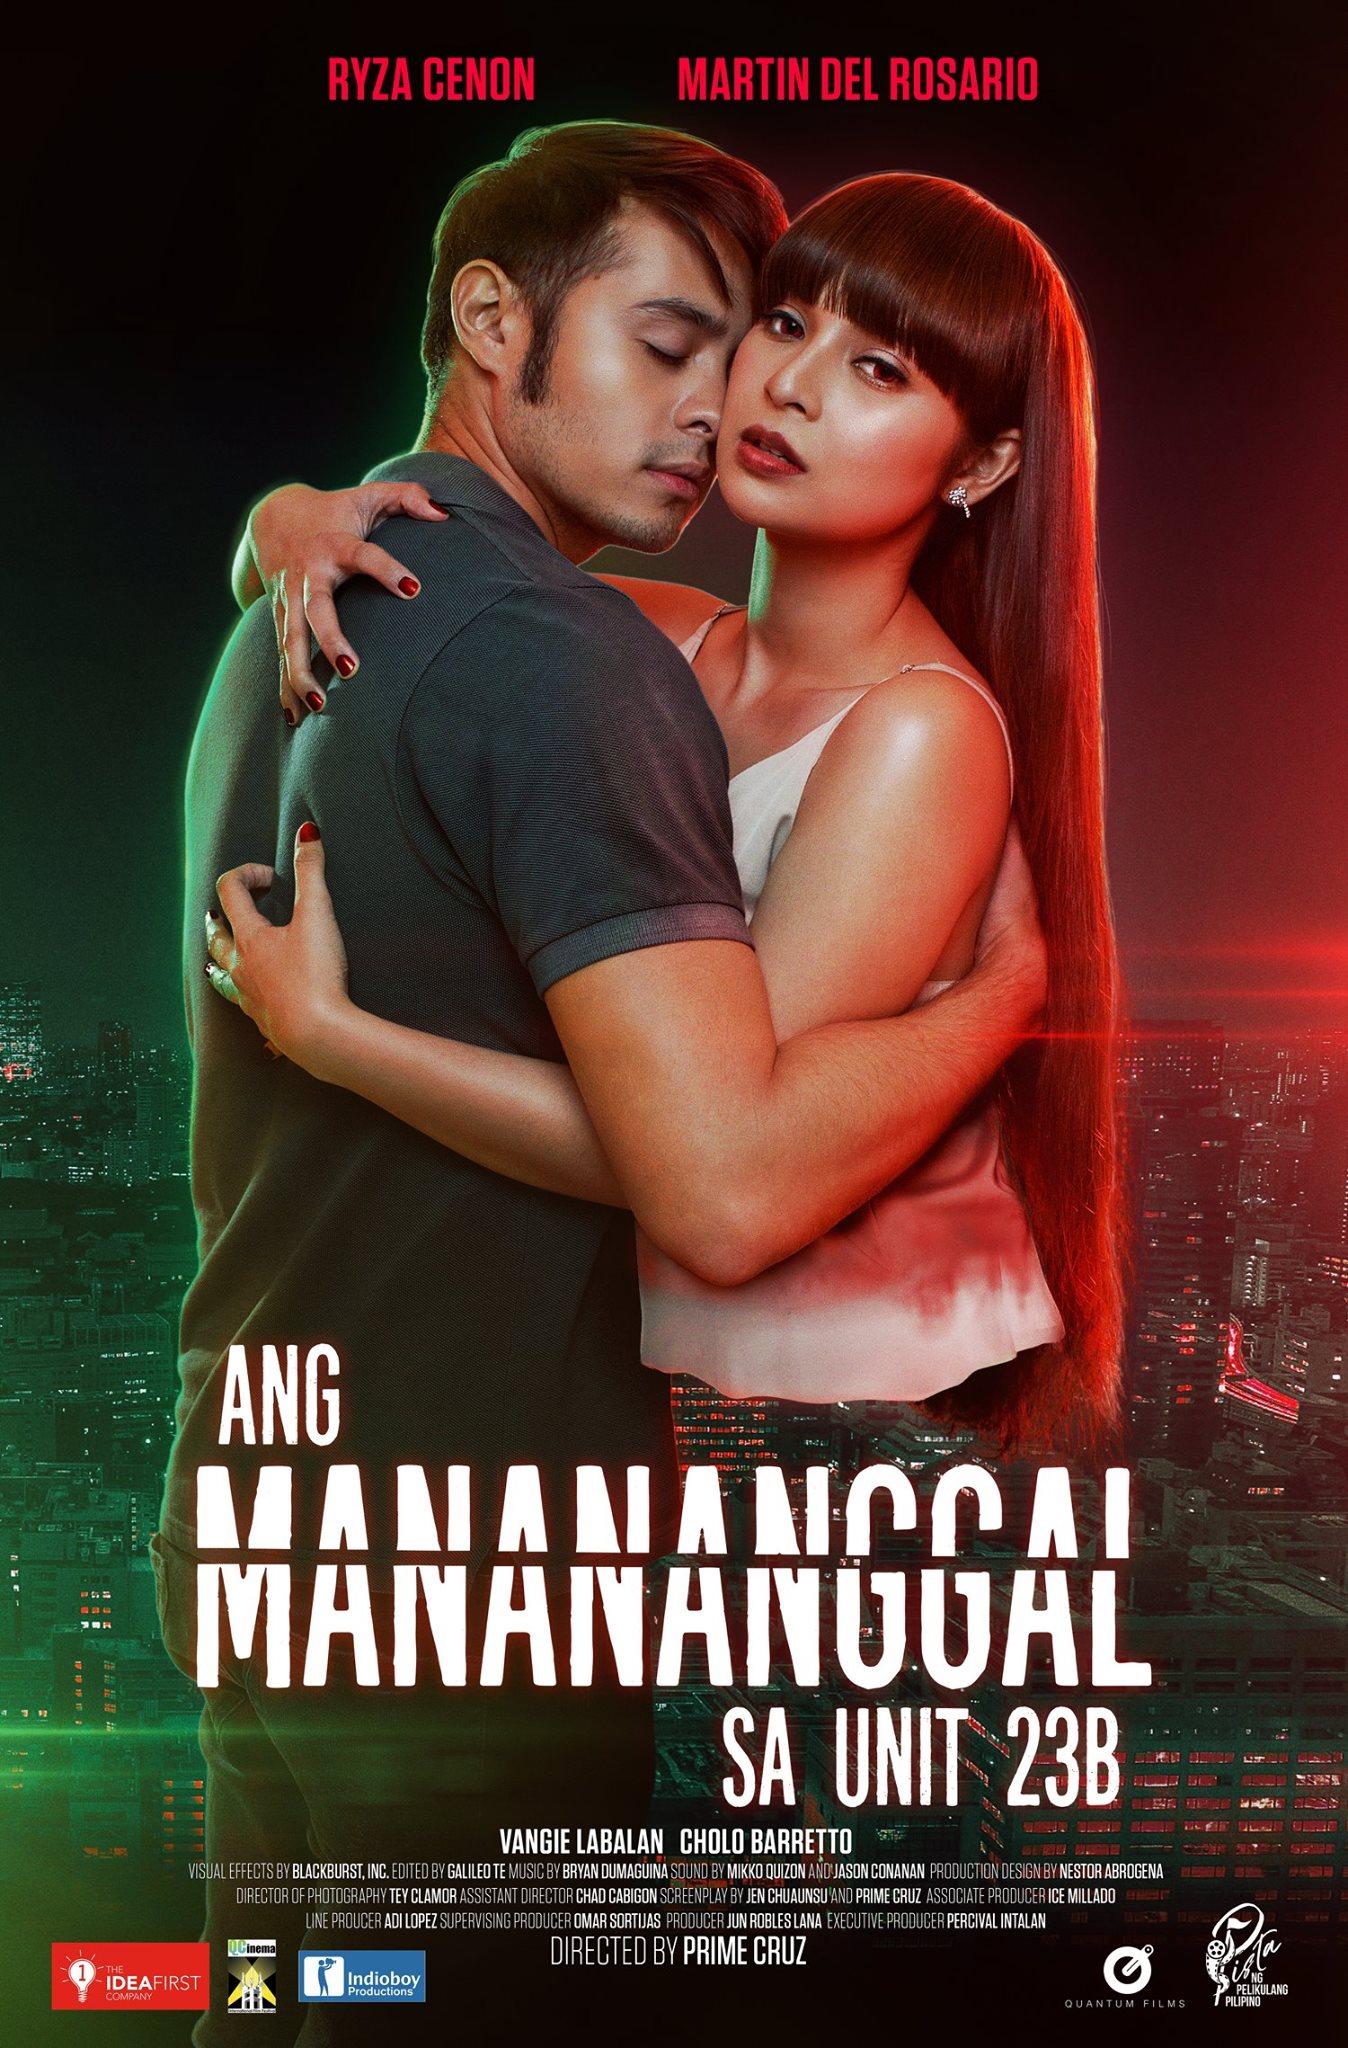 Ang Manananggal sa Unit 23B (Poster)